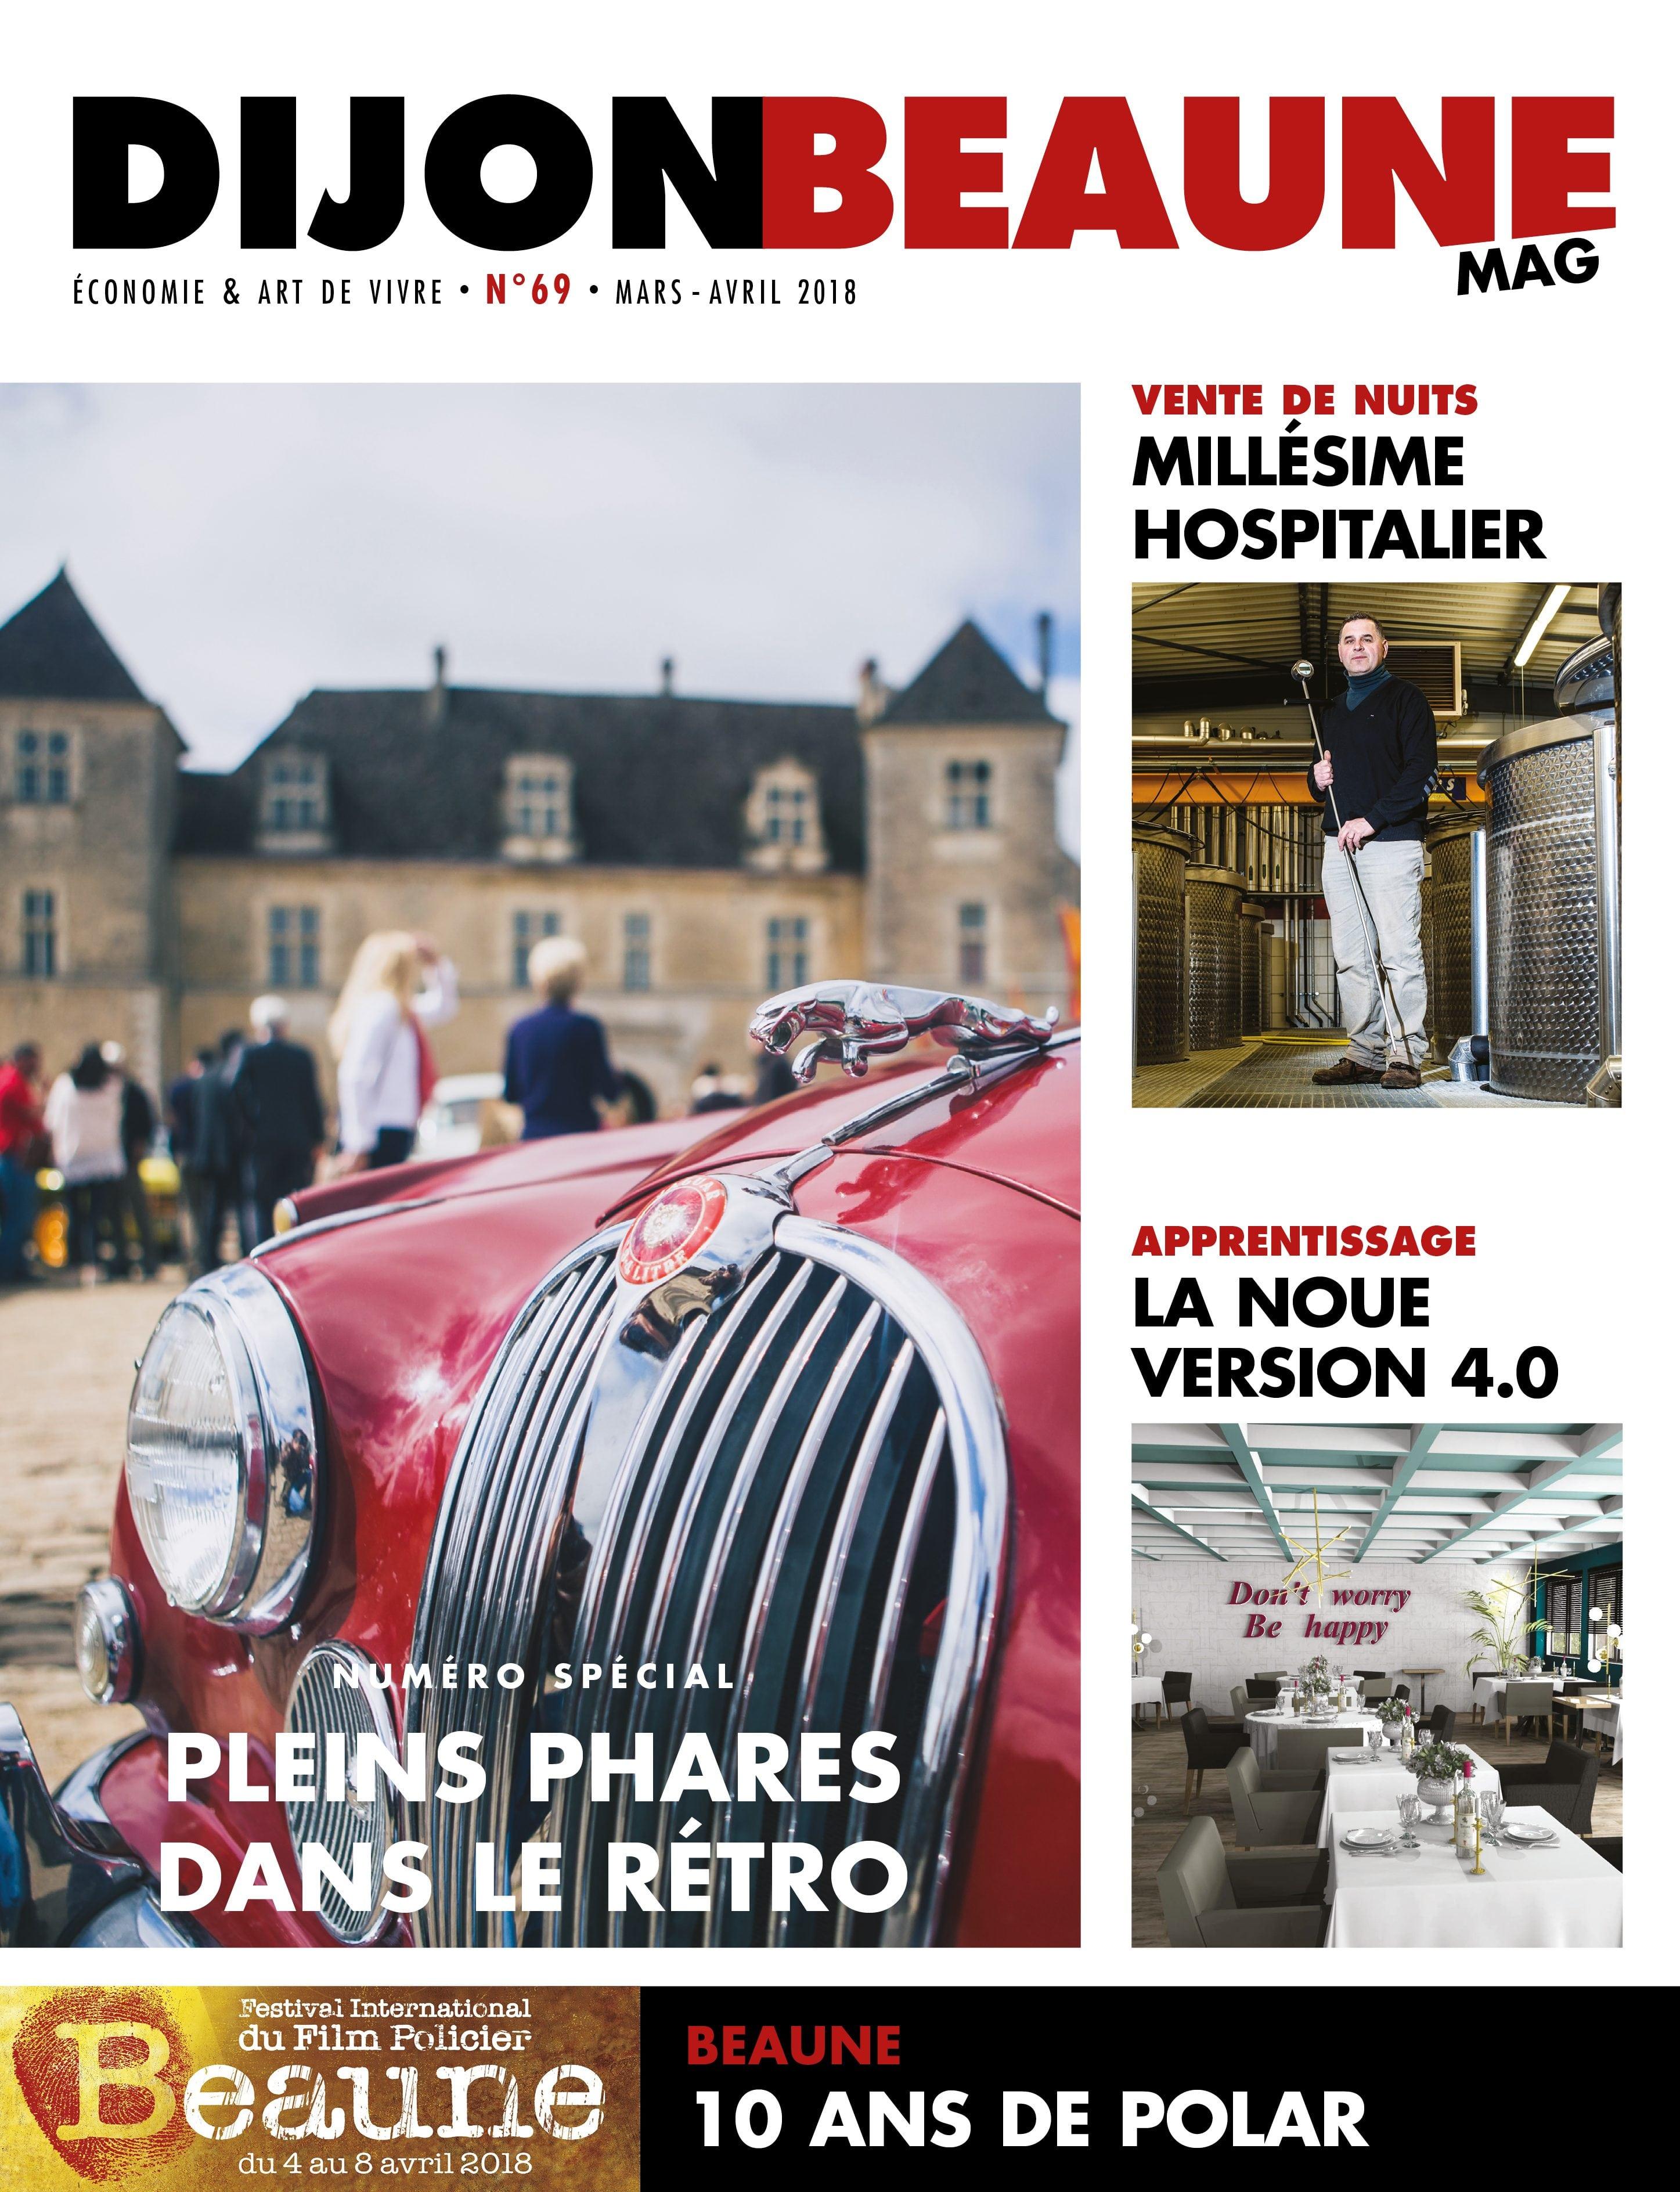 Dijon-Beaune Mag #69 arrive à fond la caisse